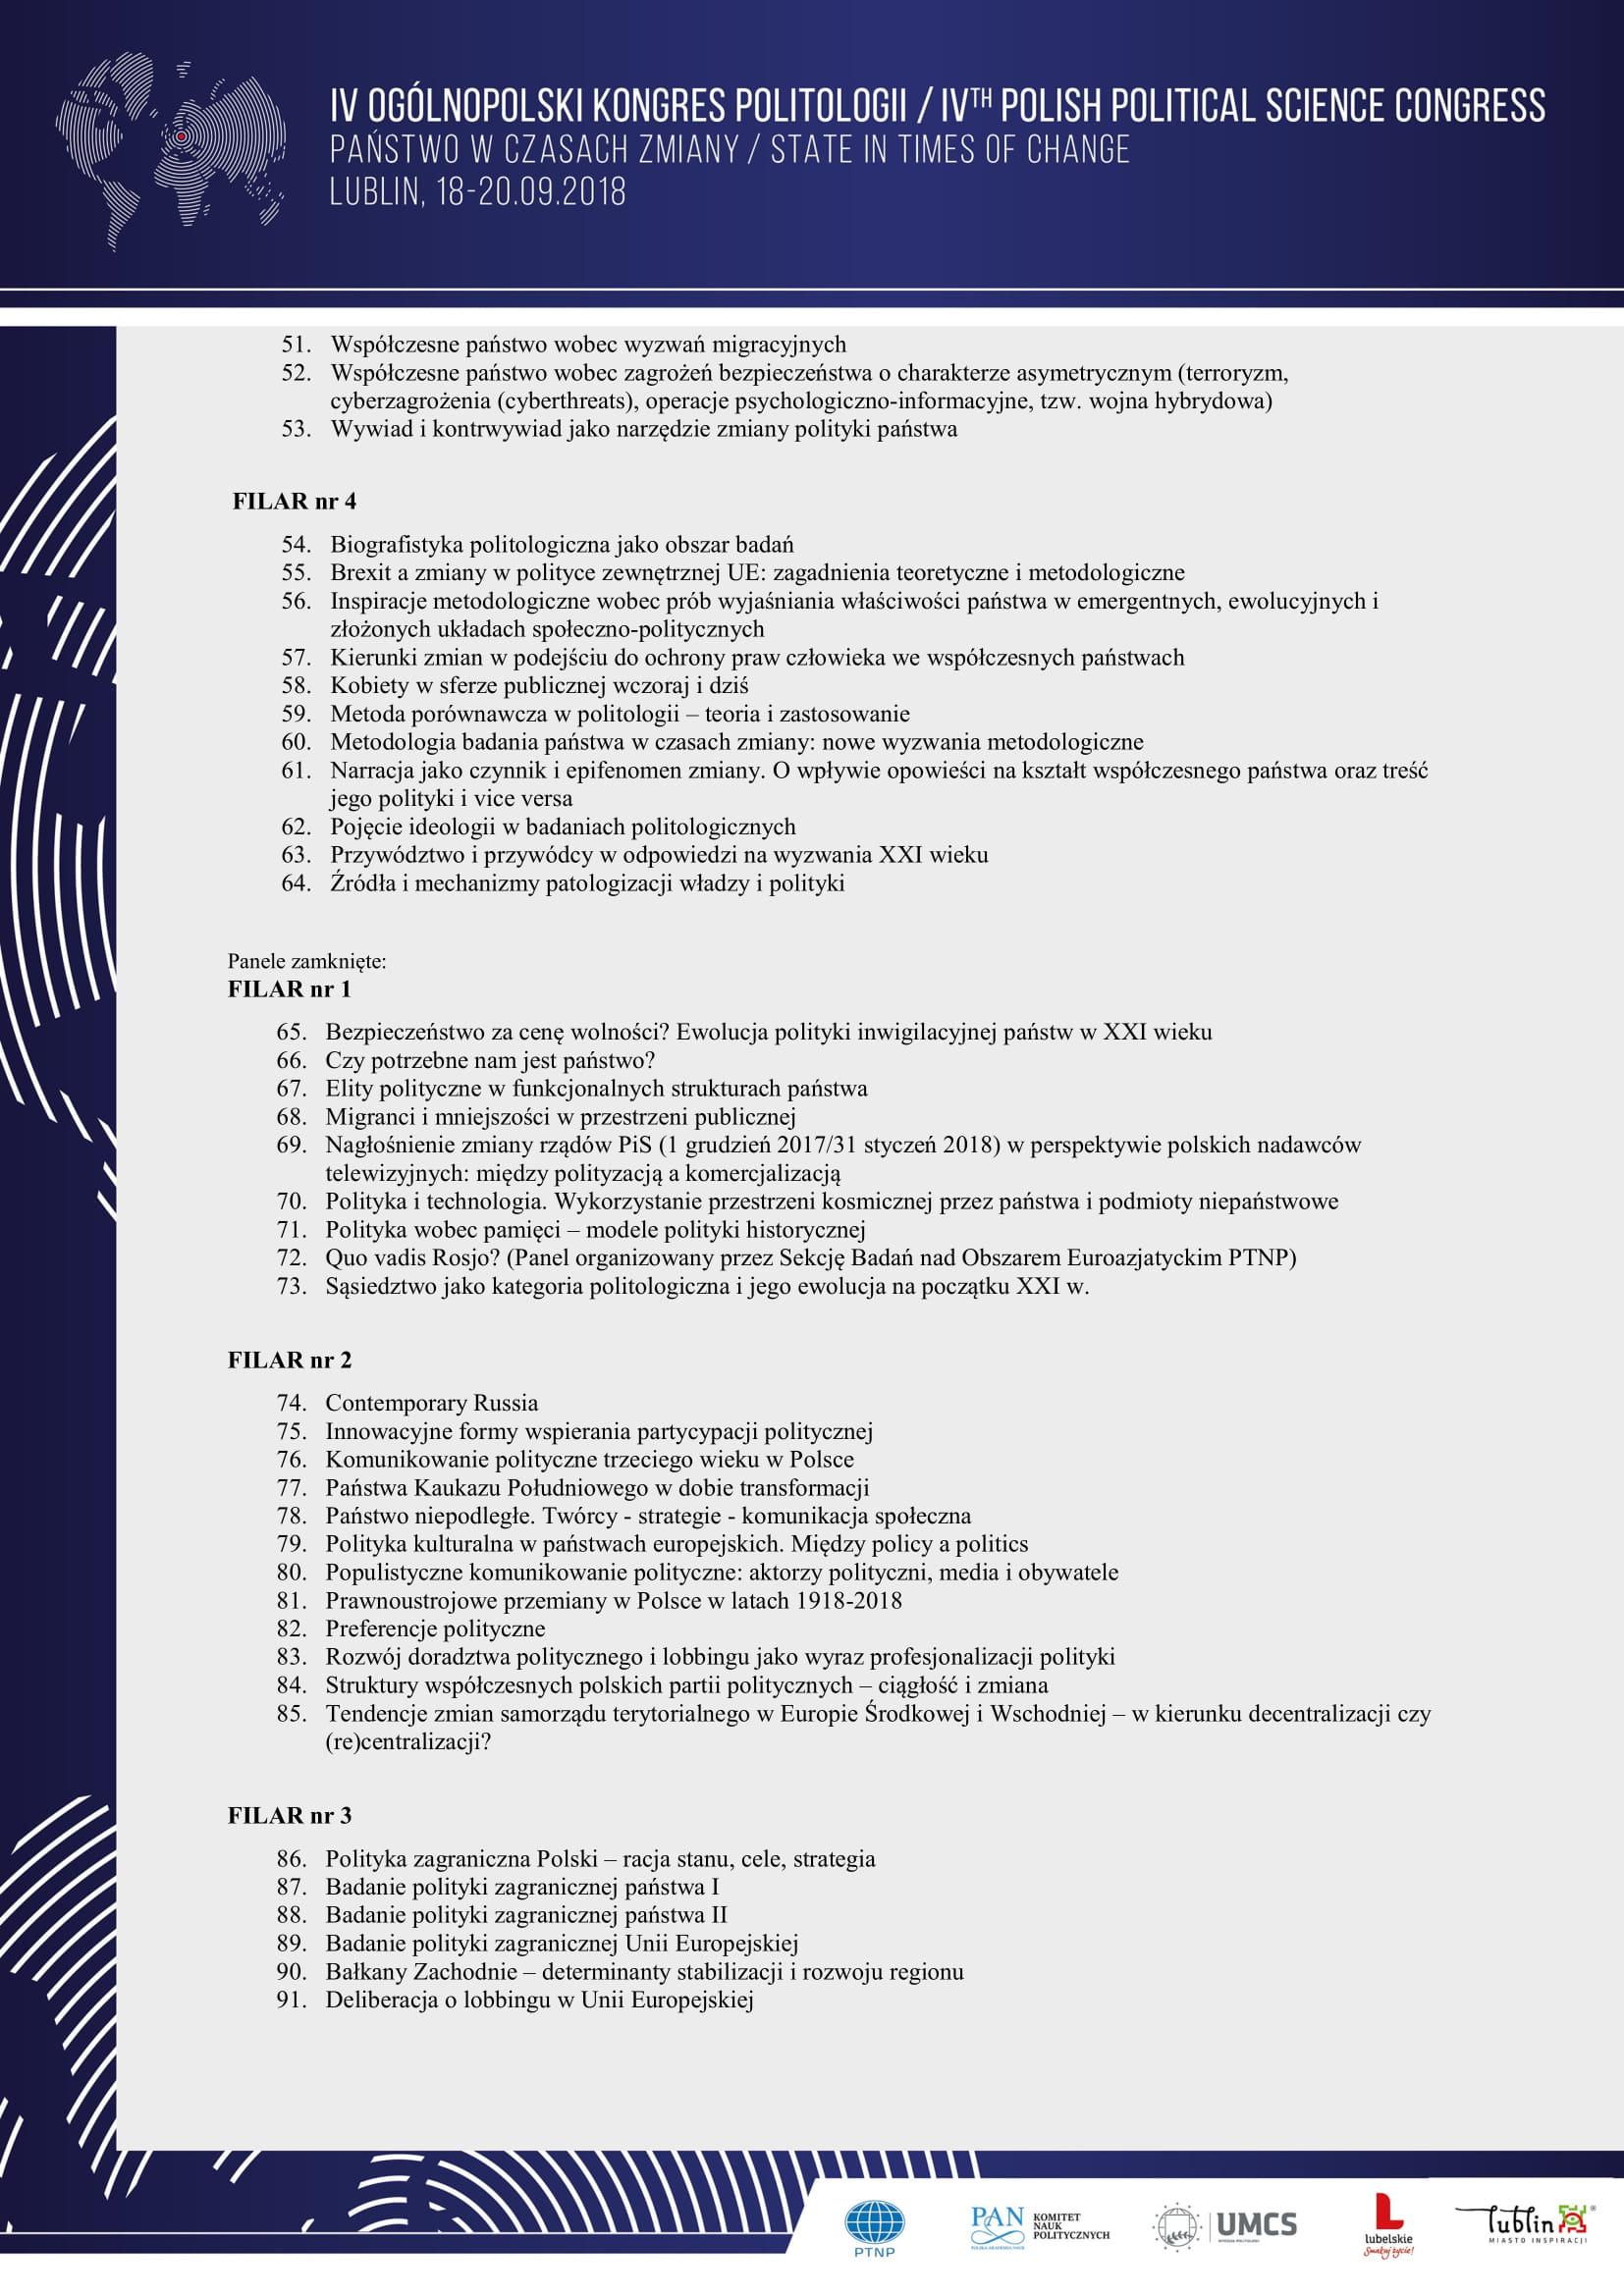 Program ramowy IV Ogólnopolskiego Kongresu Politologii - Państwo w  czasach zmiany-4.jpg